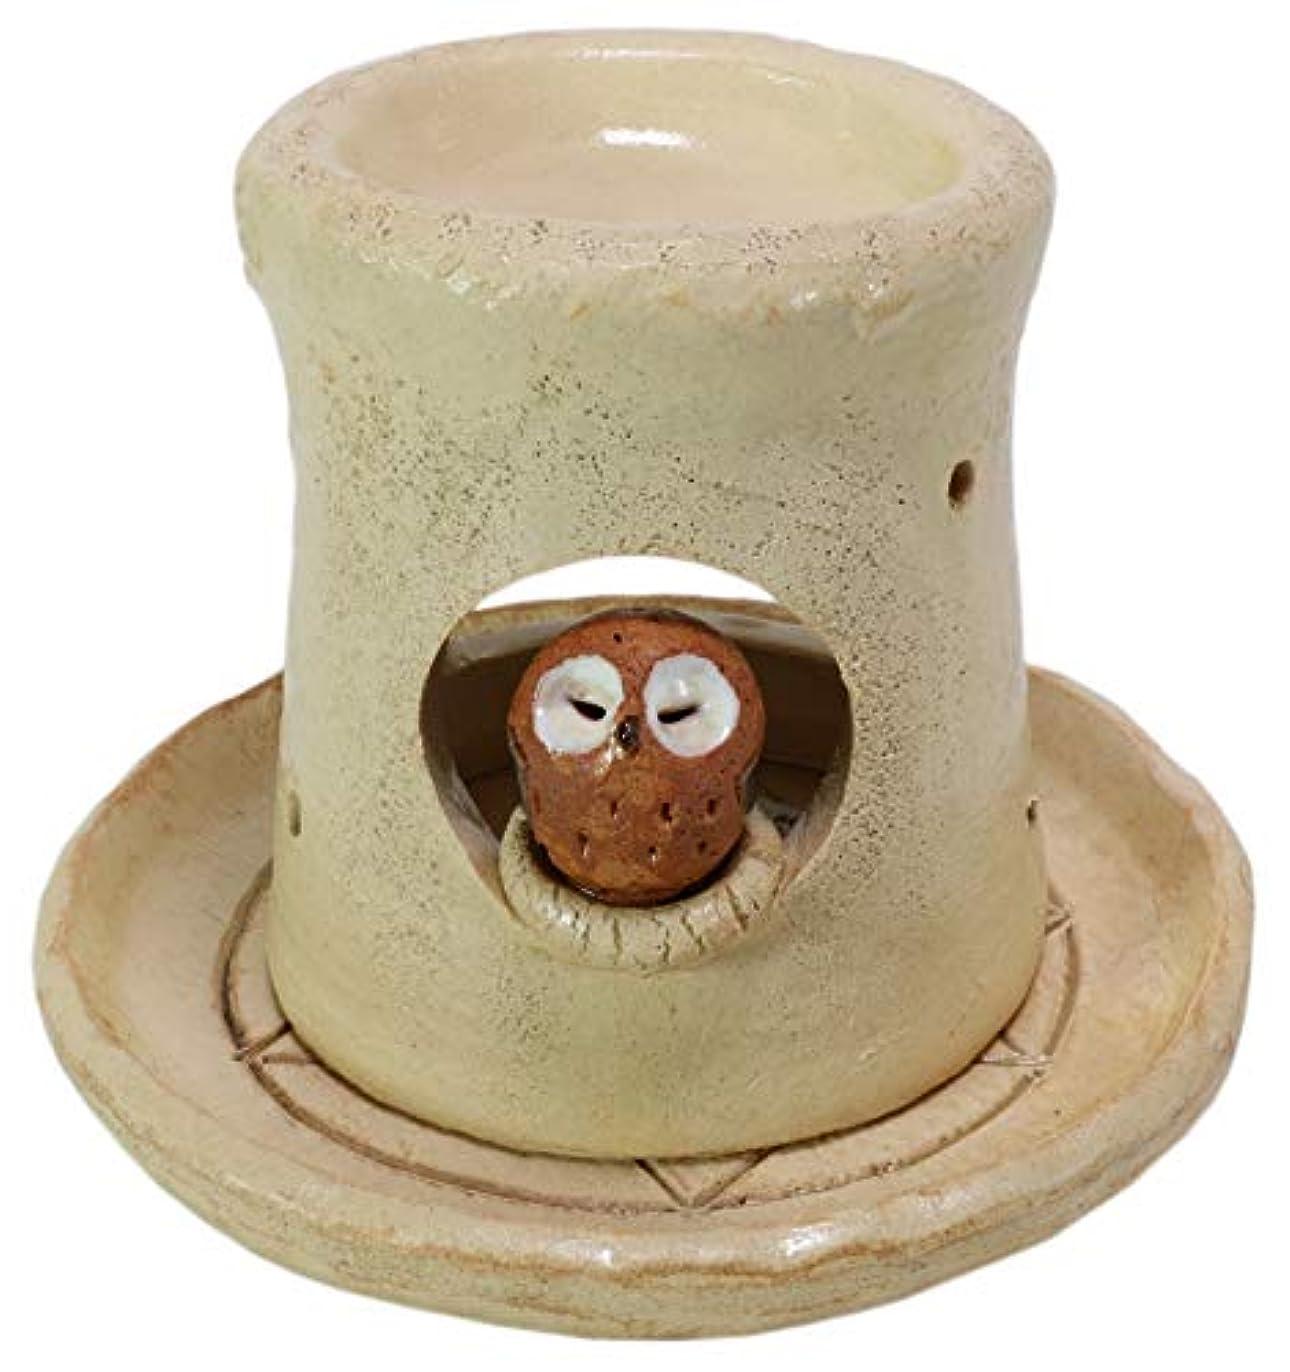 まともなカタログどこにも香炉 フクロウ 茶香炉 [H14cm] HANDMADE プレゼント ギフト 和食器 かわいい インテリア